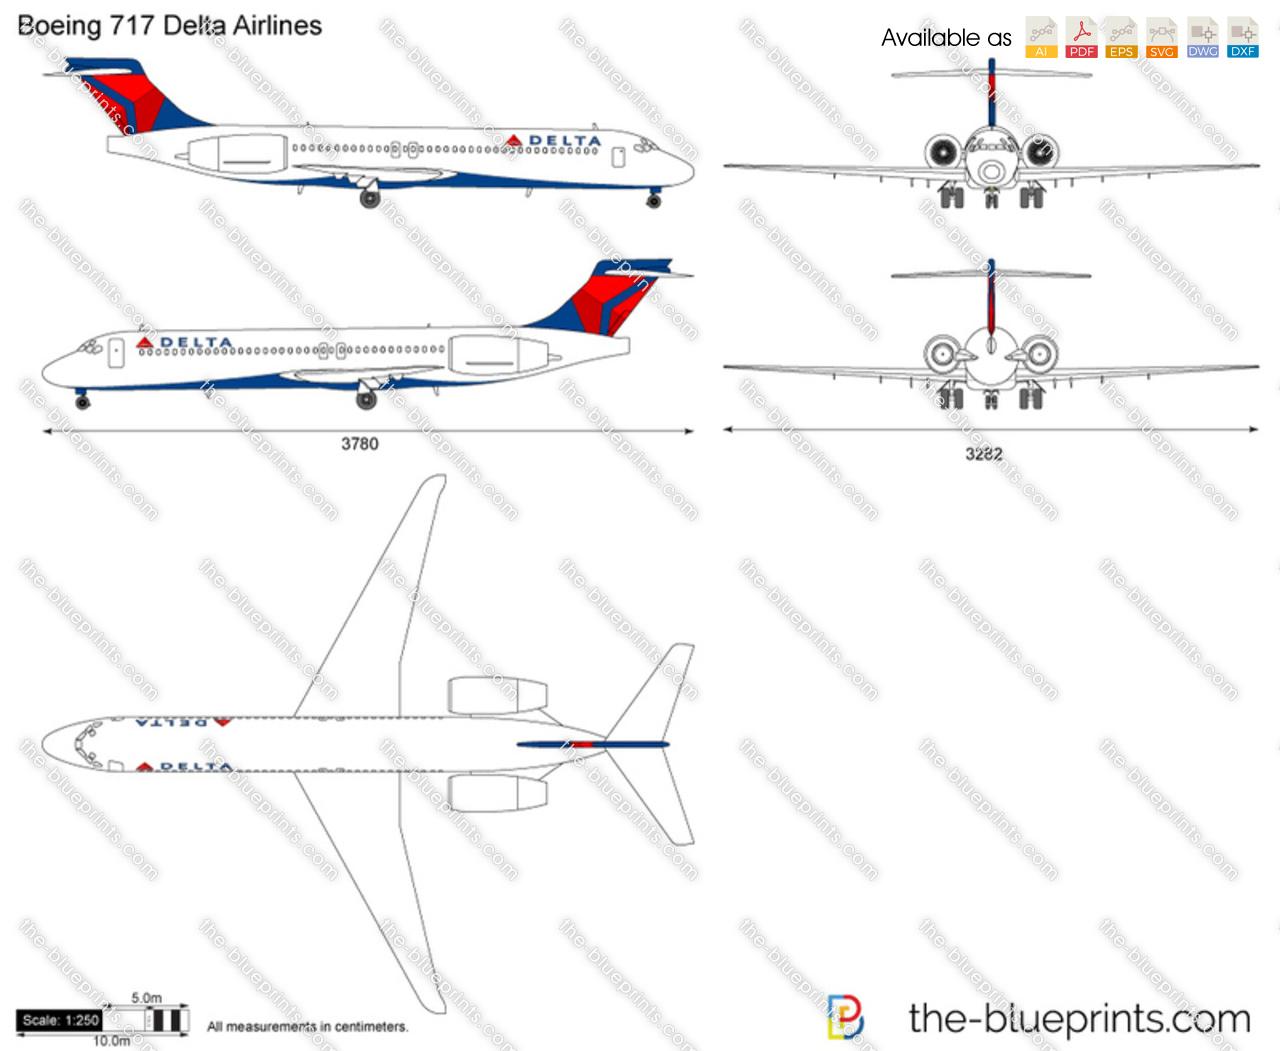 Boeing 717 Delta Airlines